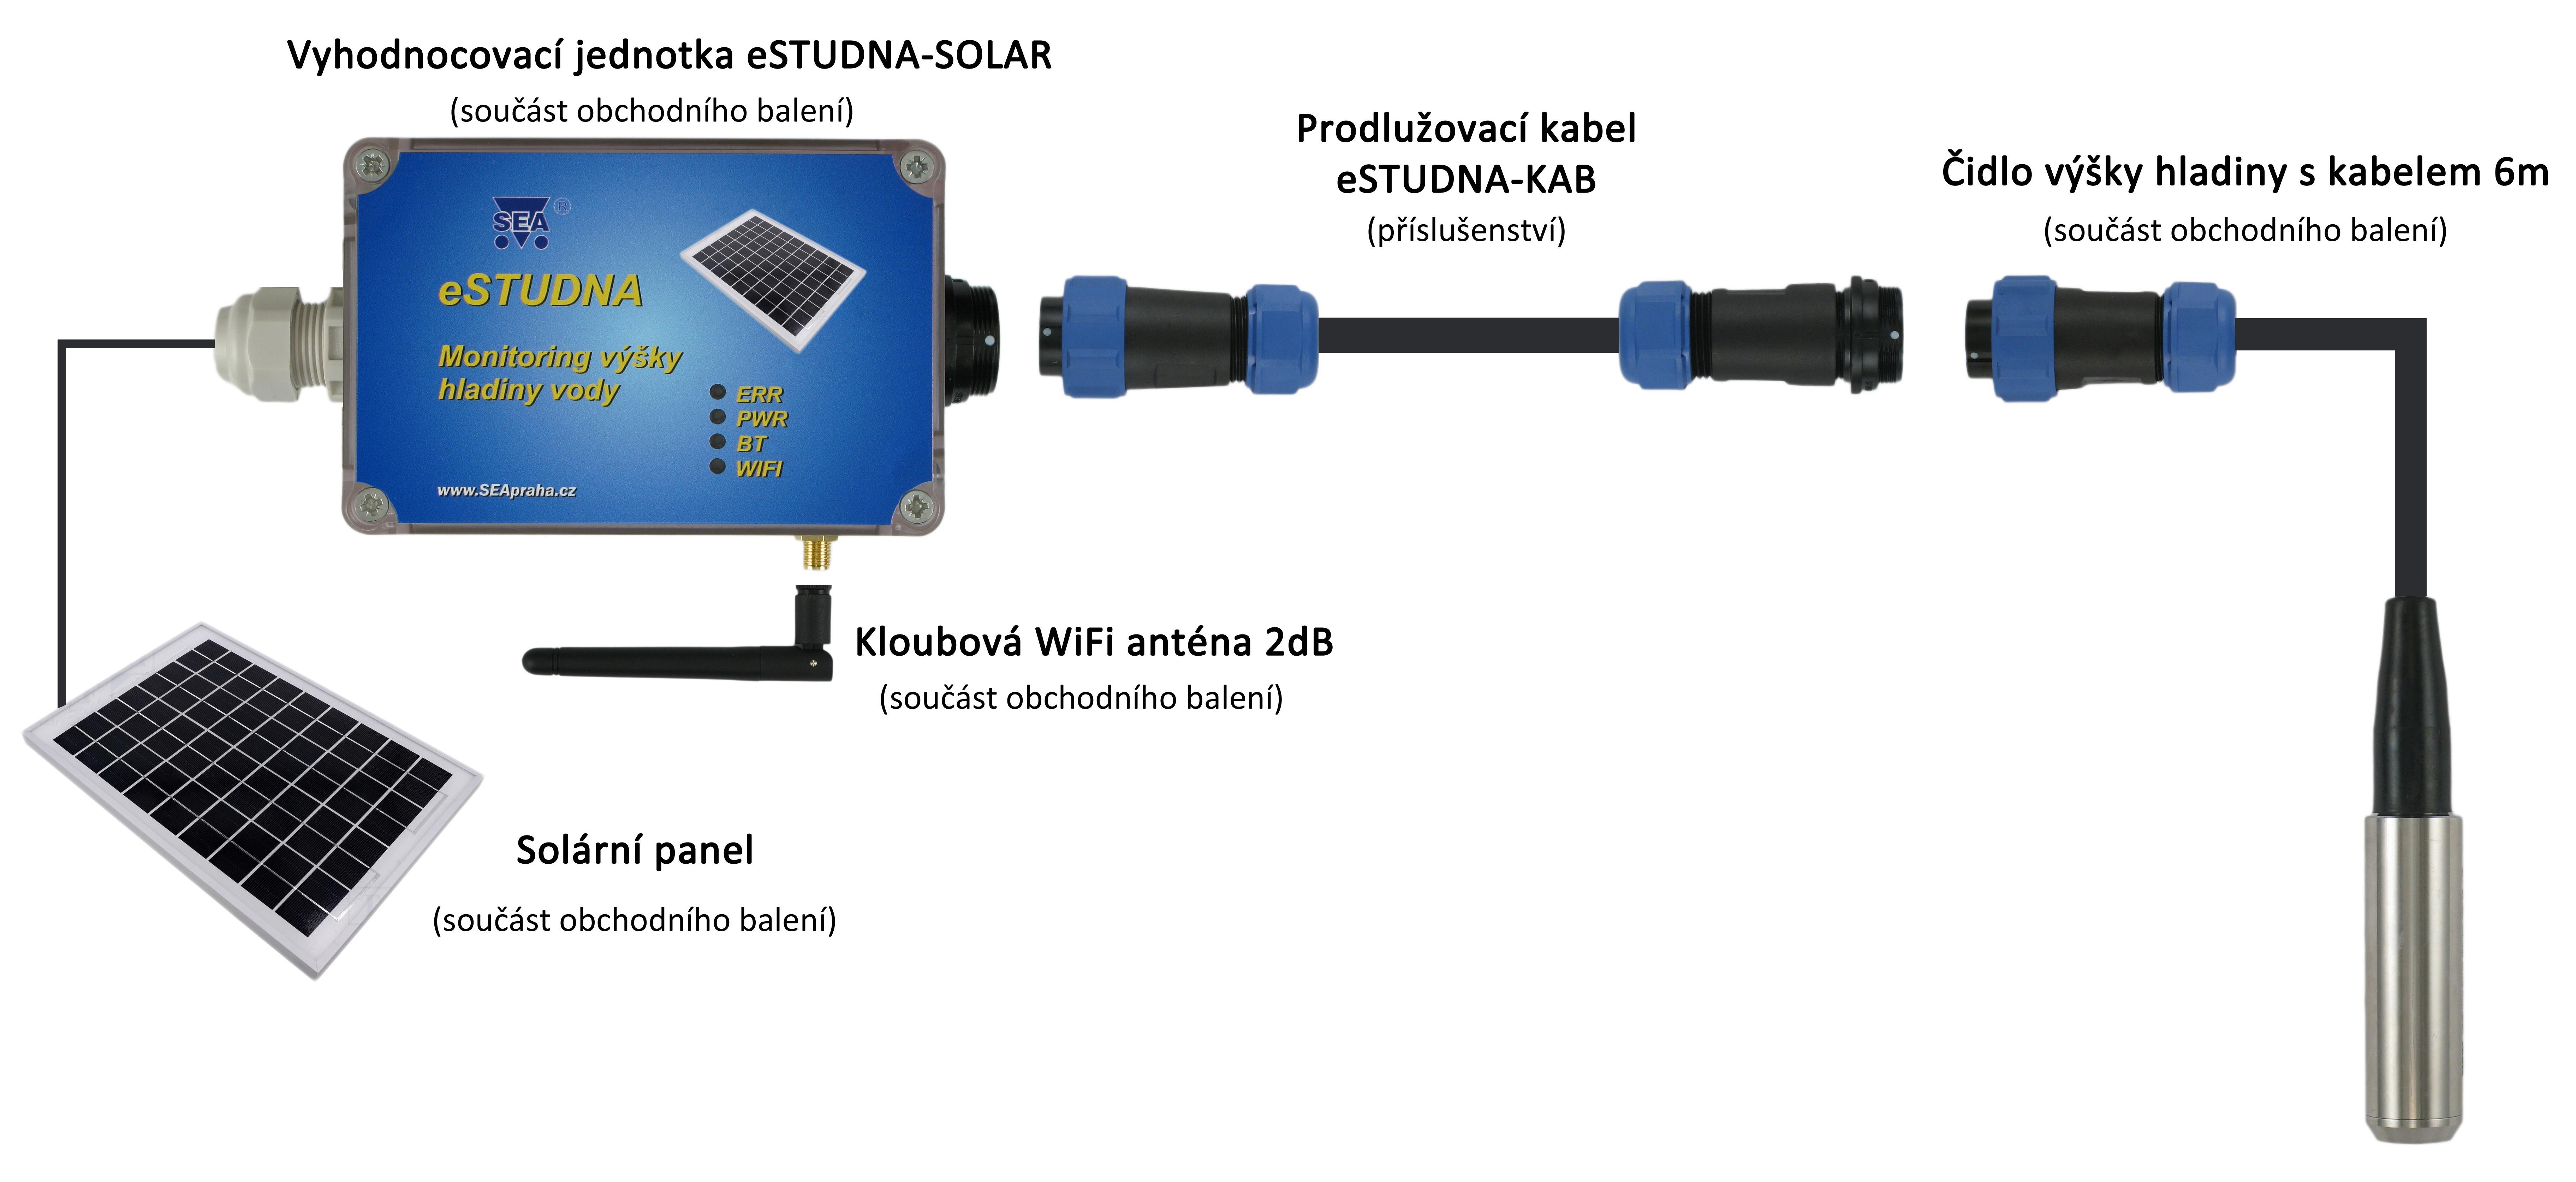 eSTUDNA-SOLAR_obchodní_balení